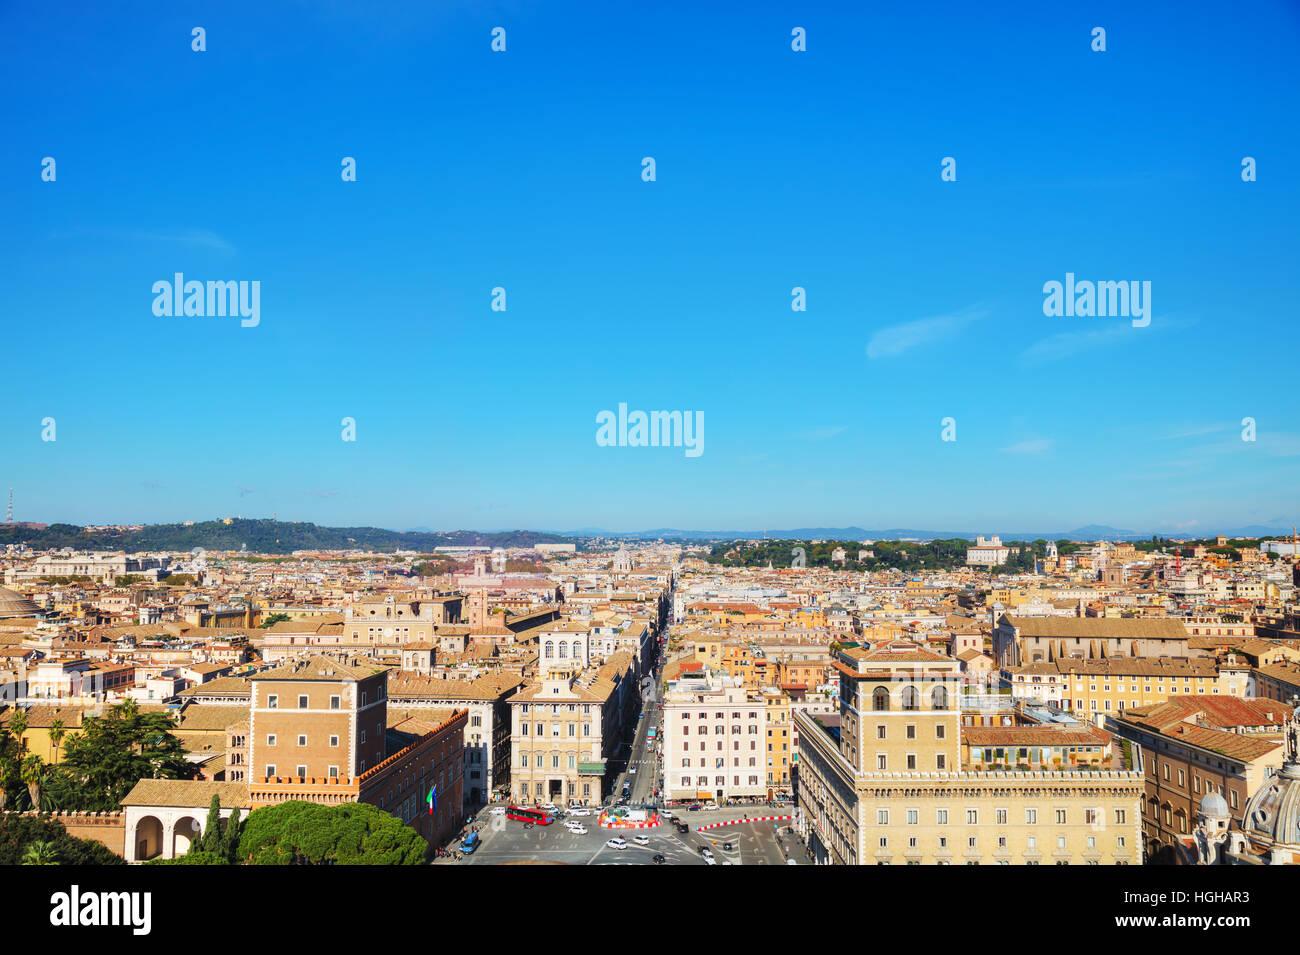 Vista aérea de Roma con la Piazza Venezia, en un día soleado Imagen De Stock